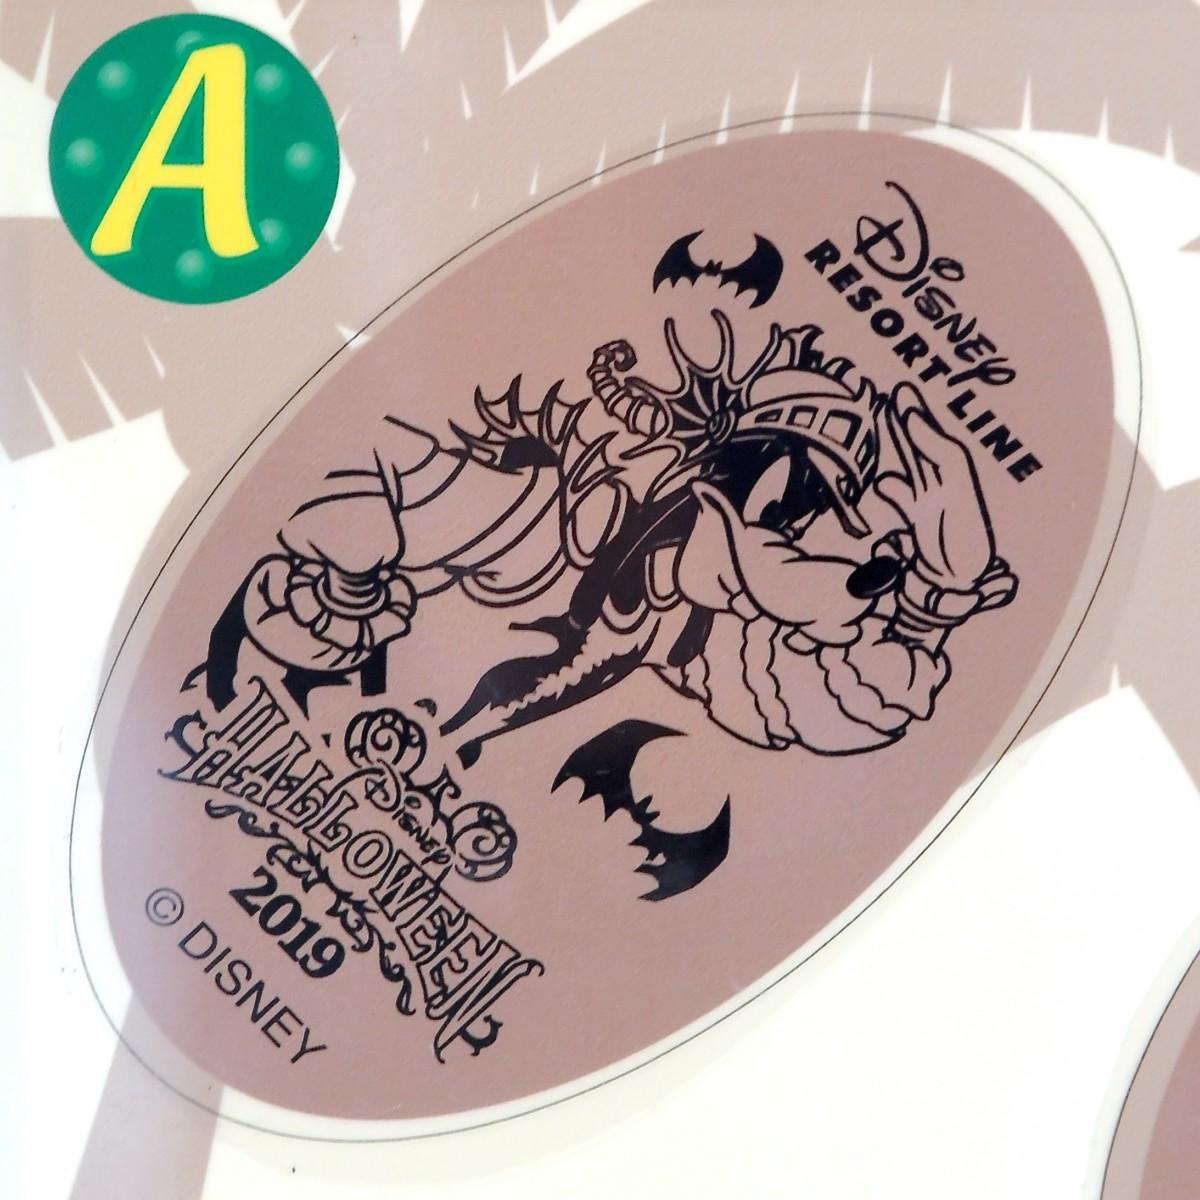 「フェスティバル・オブ・ミスティーク」グーフィースーベニアメダル